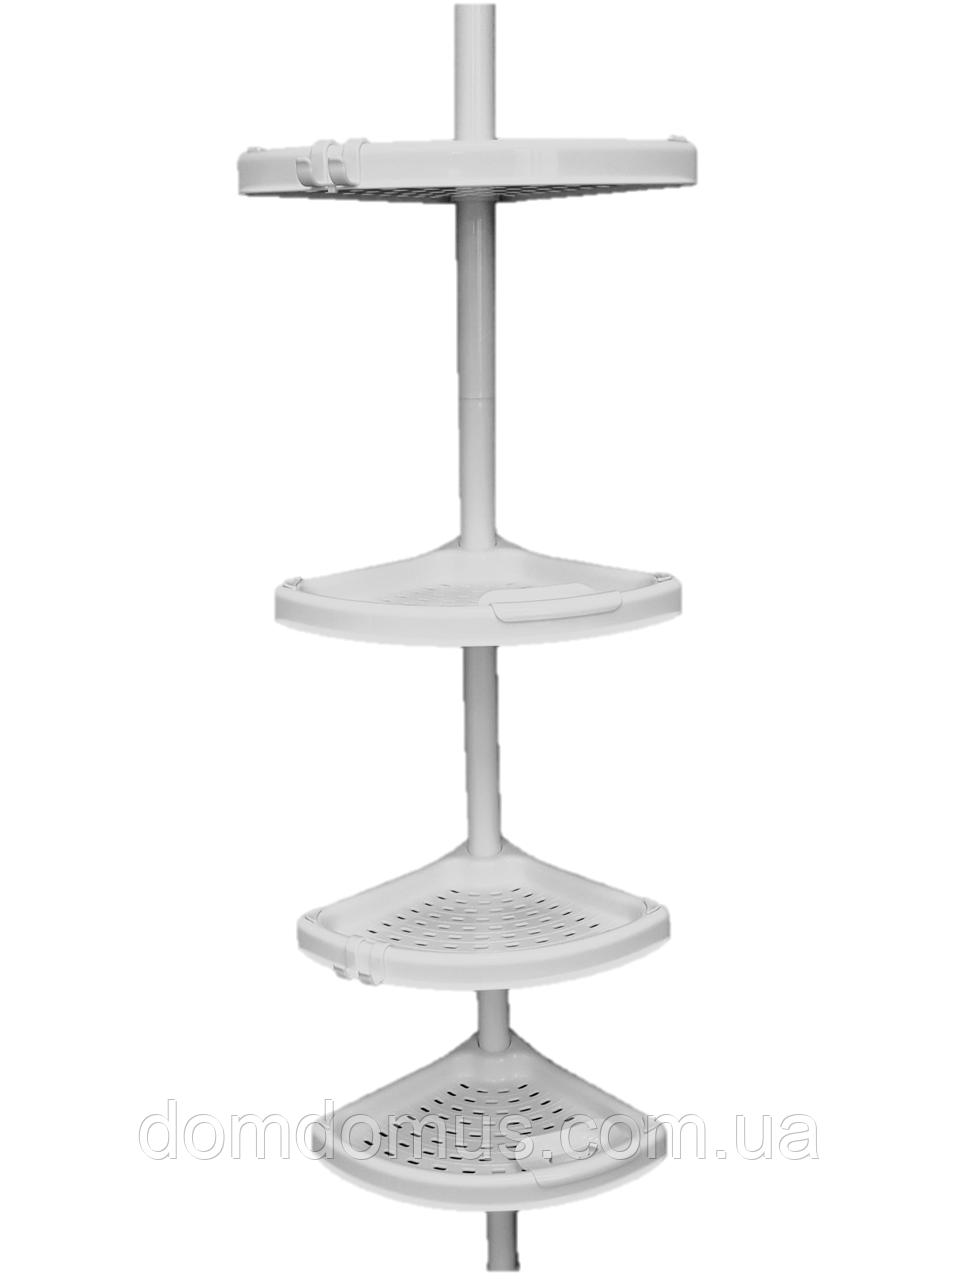 Полка угловая для ванной с телескопической трубкой Primanova, Турция N02-01